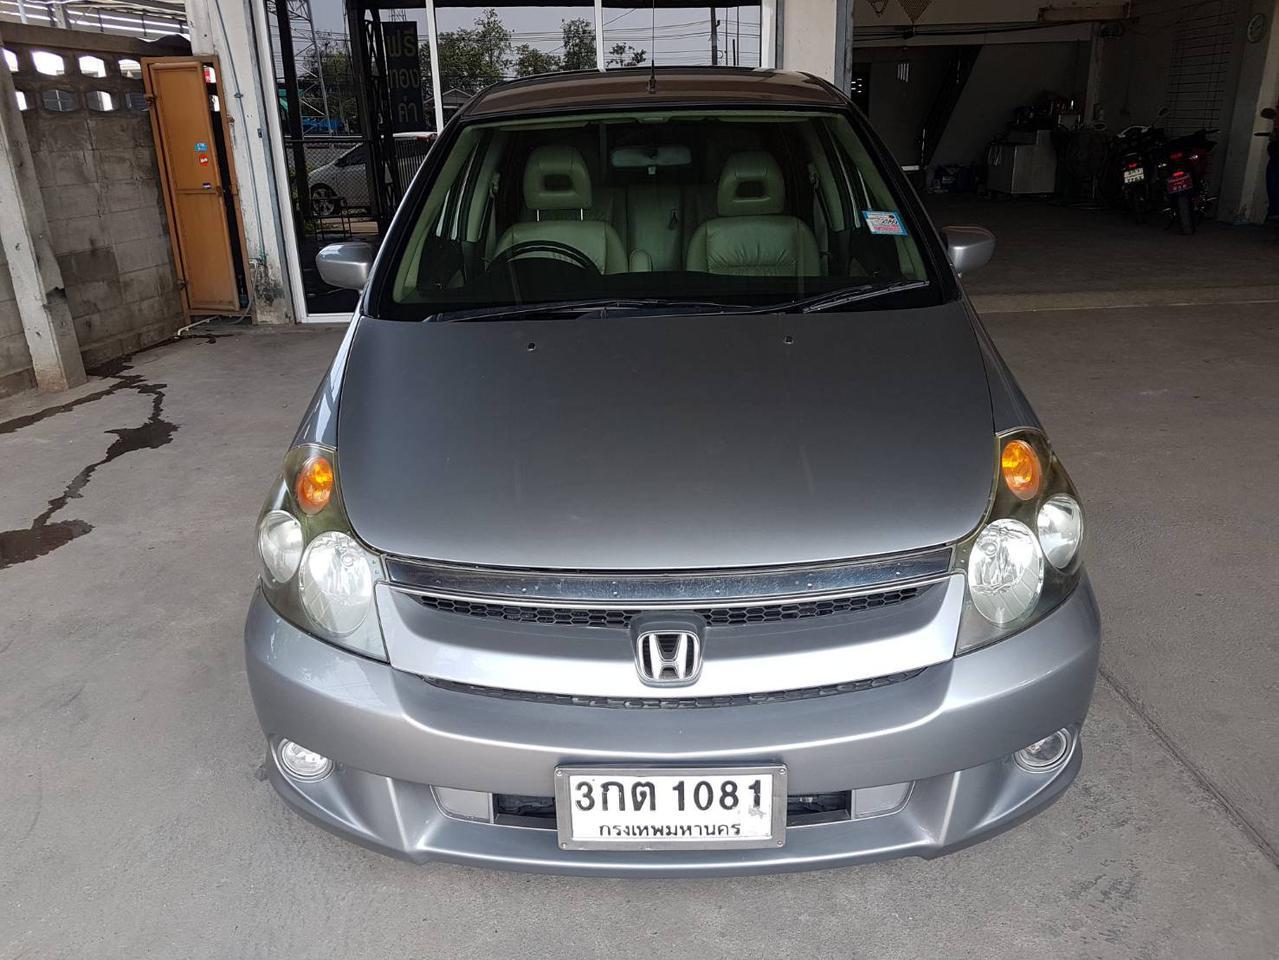 Honda STREAM 2.0 ปี2006 รถสวยหาอยากมากครับใครต้องการรีบเลยครับ รูปที่ 3